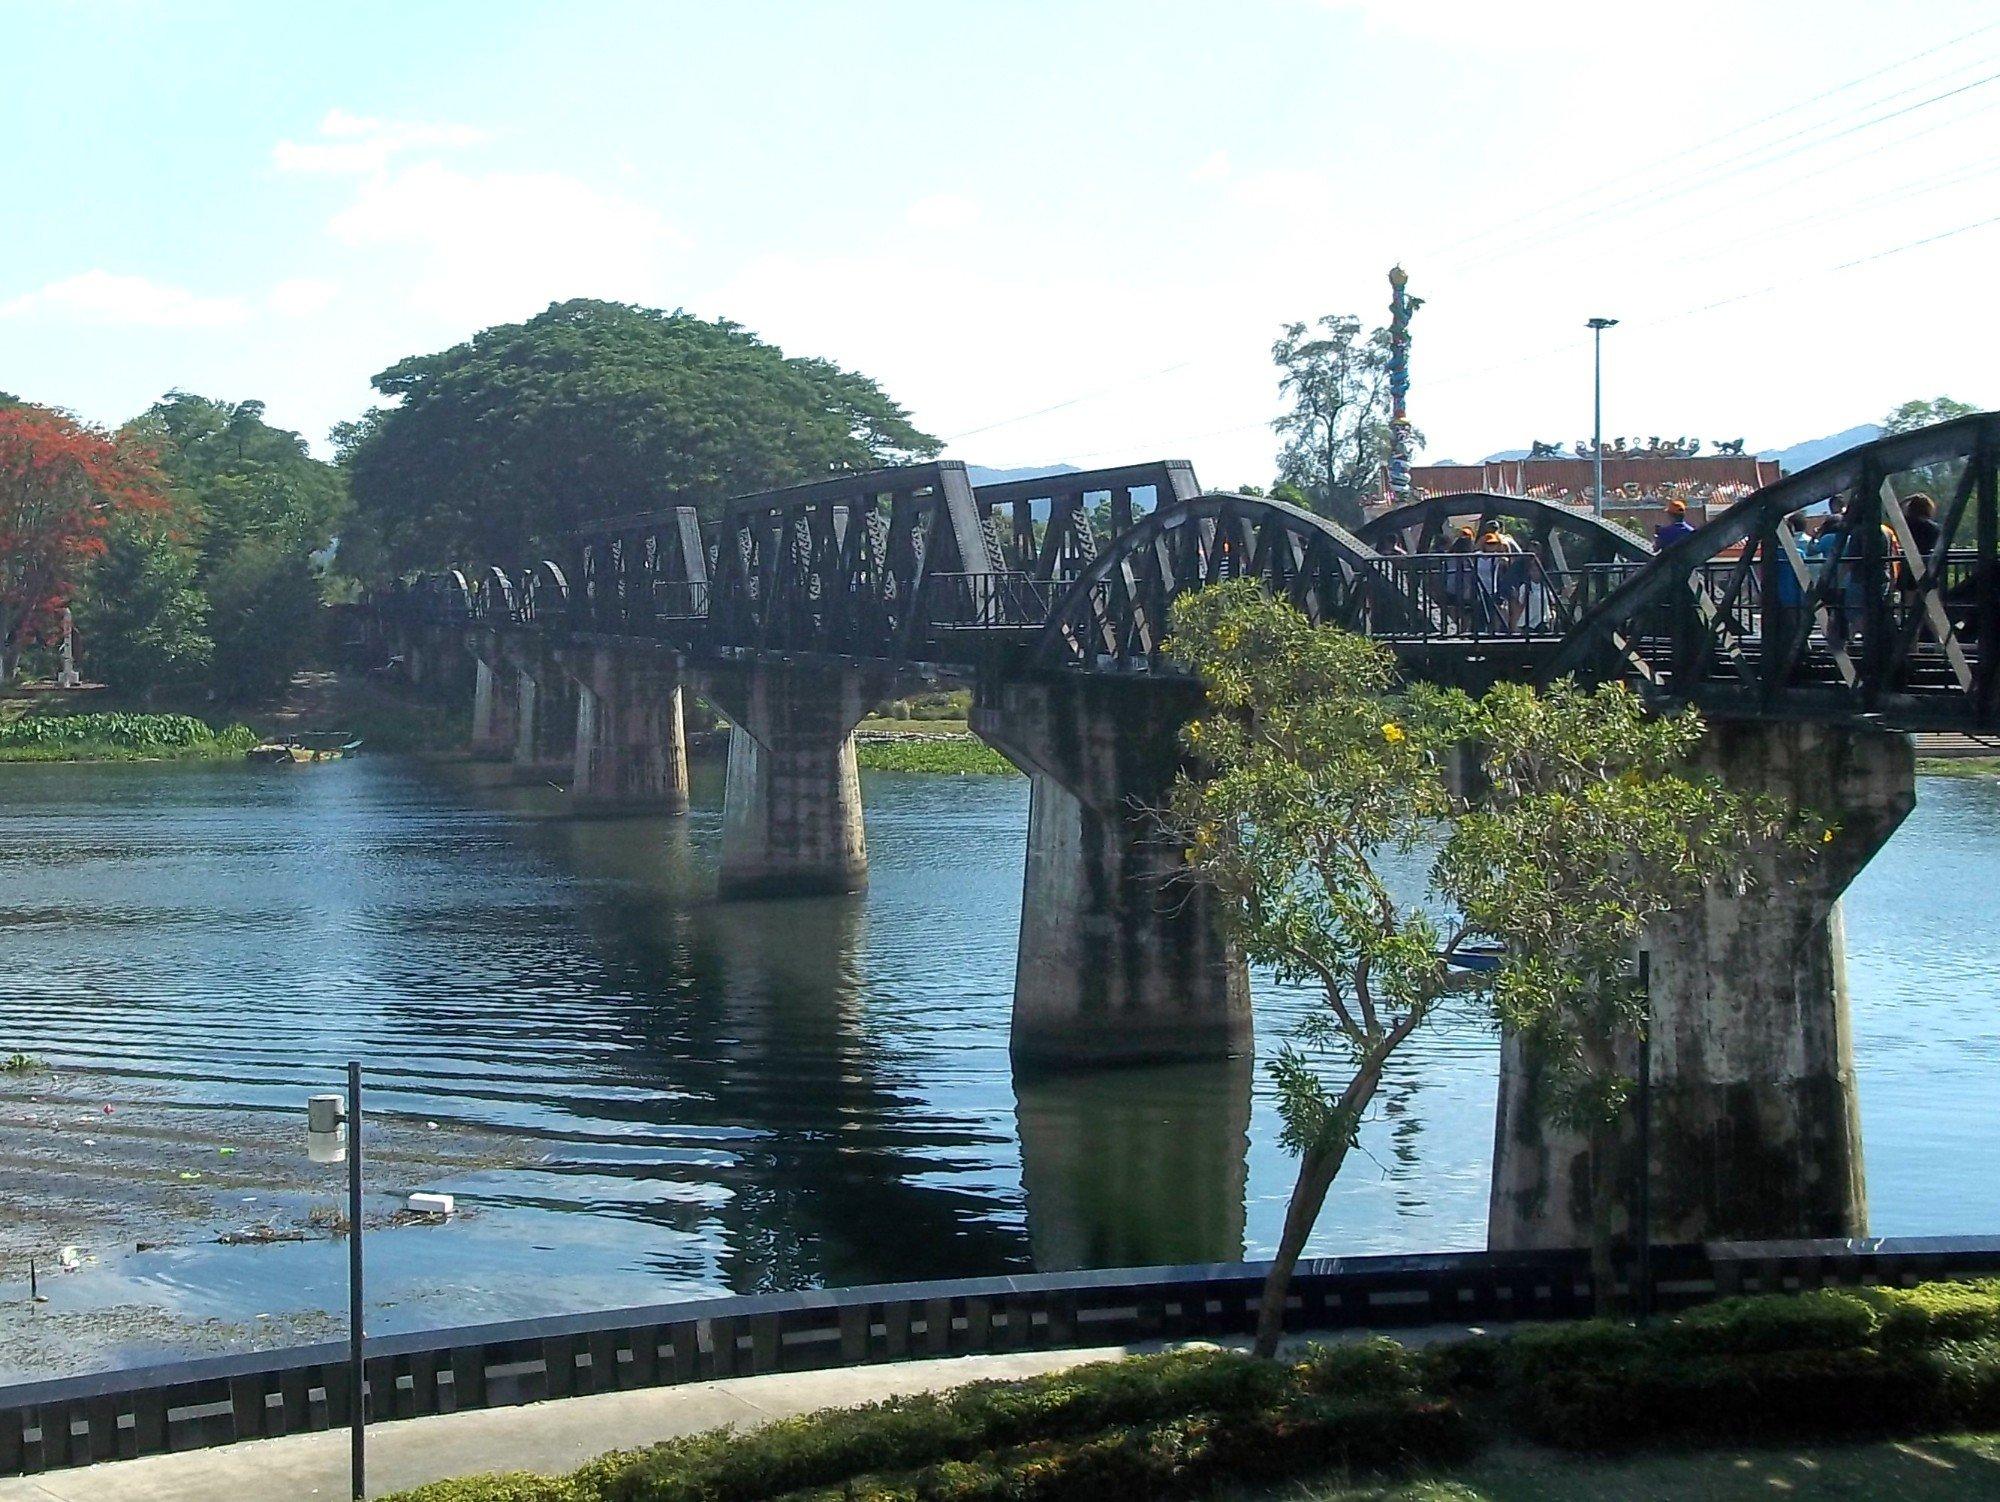 Bridge over the River Kwai in Kanchanaburi